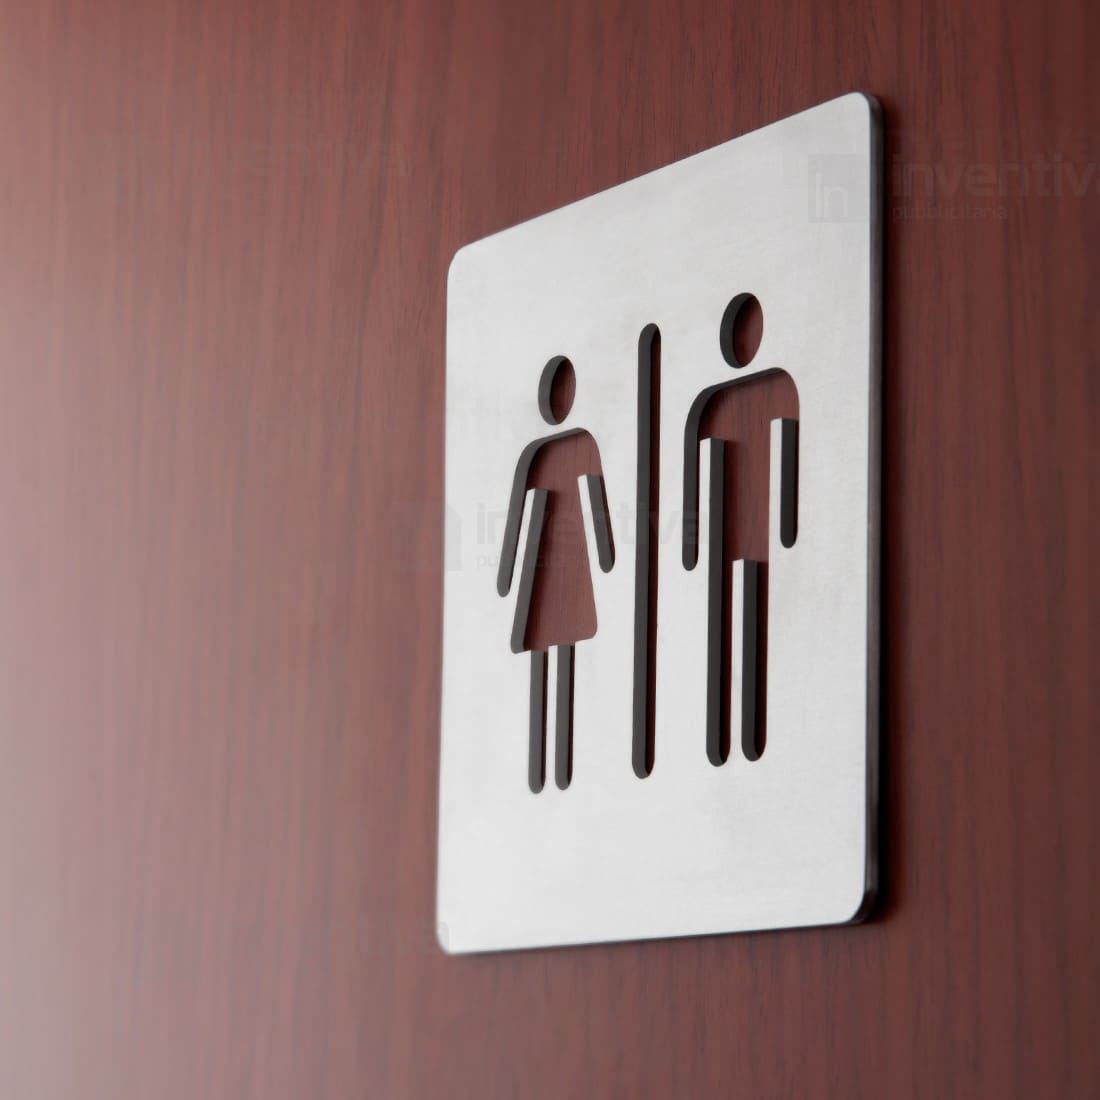 Insegne toilette cartelli in alluminio con traforato for Wc immagini